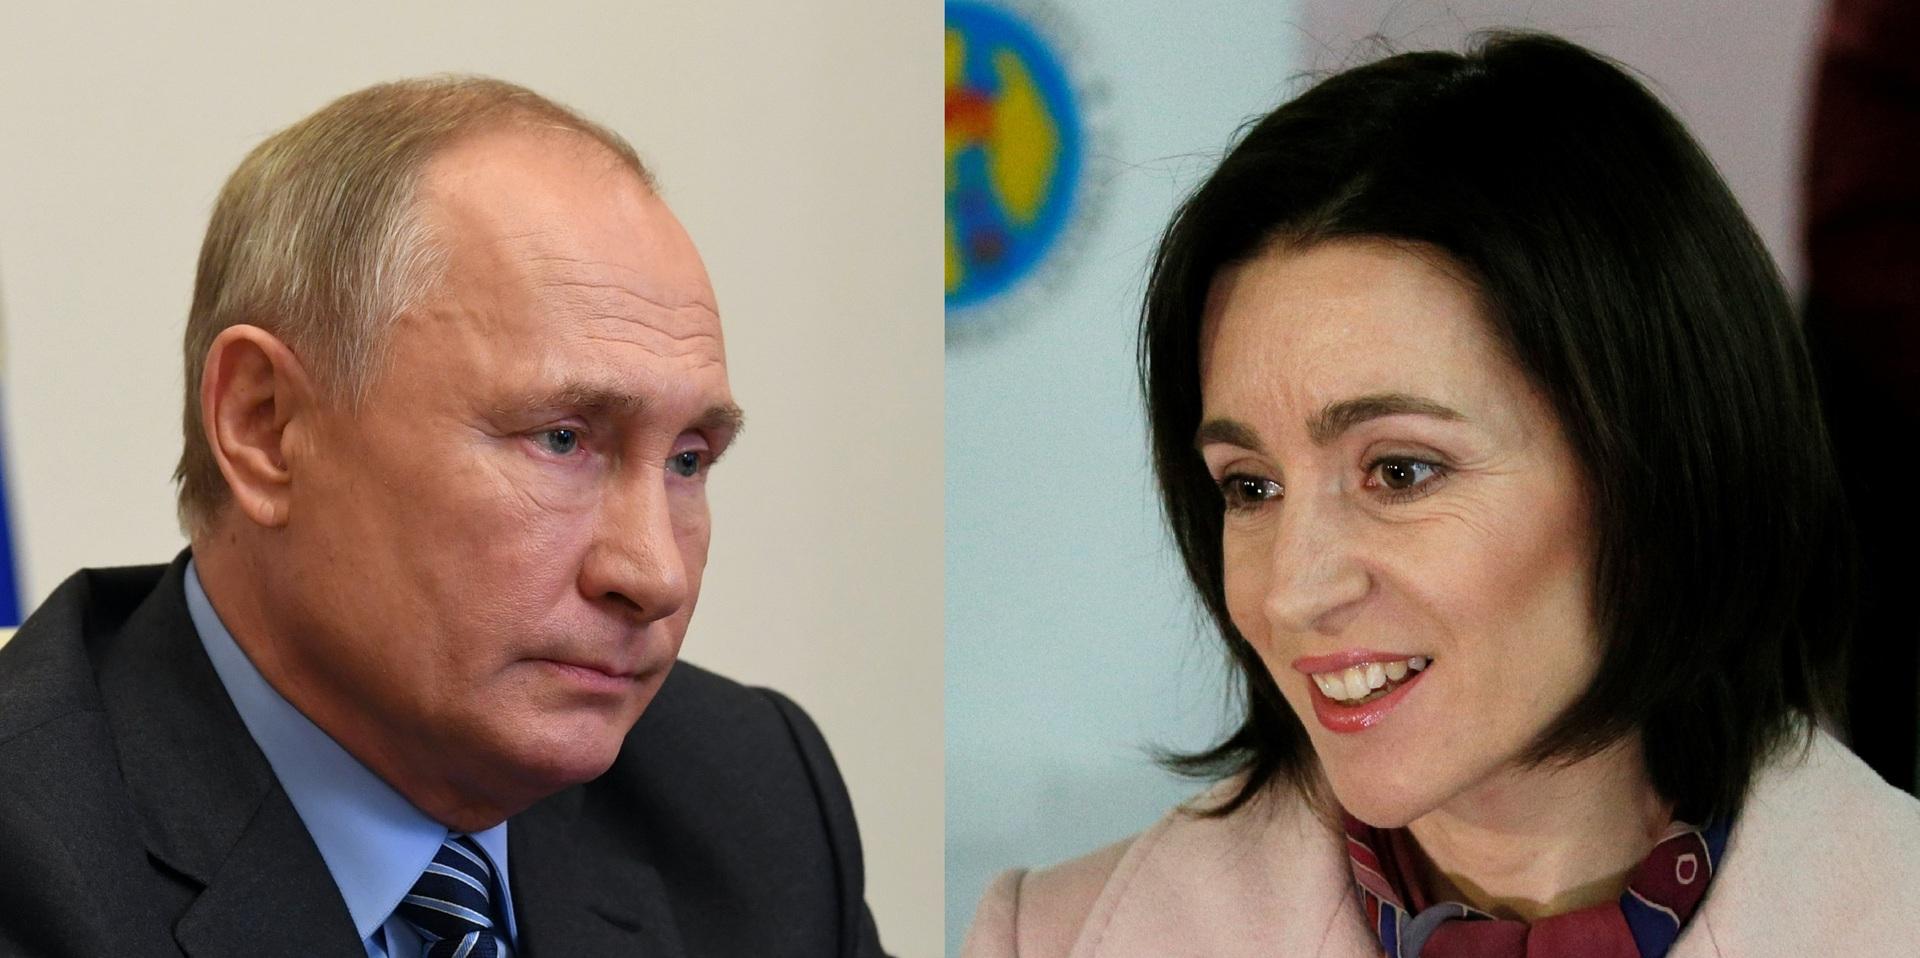 بوتين مهنئا ساندو: أرجو أن يسهم عملكم كرئيسة مولدوفا في تطوير العلاقات بين بلدينا